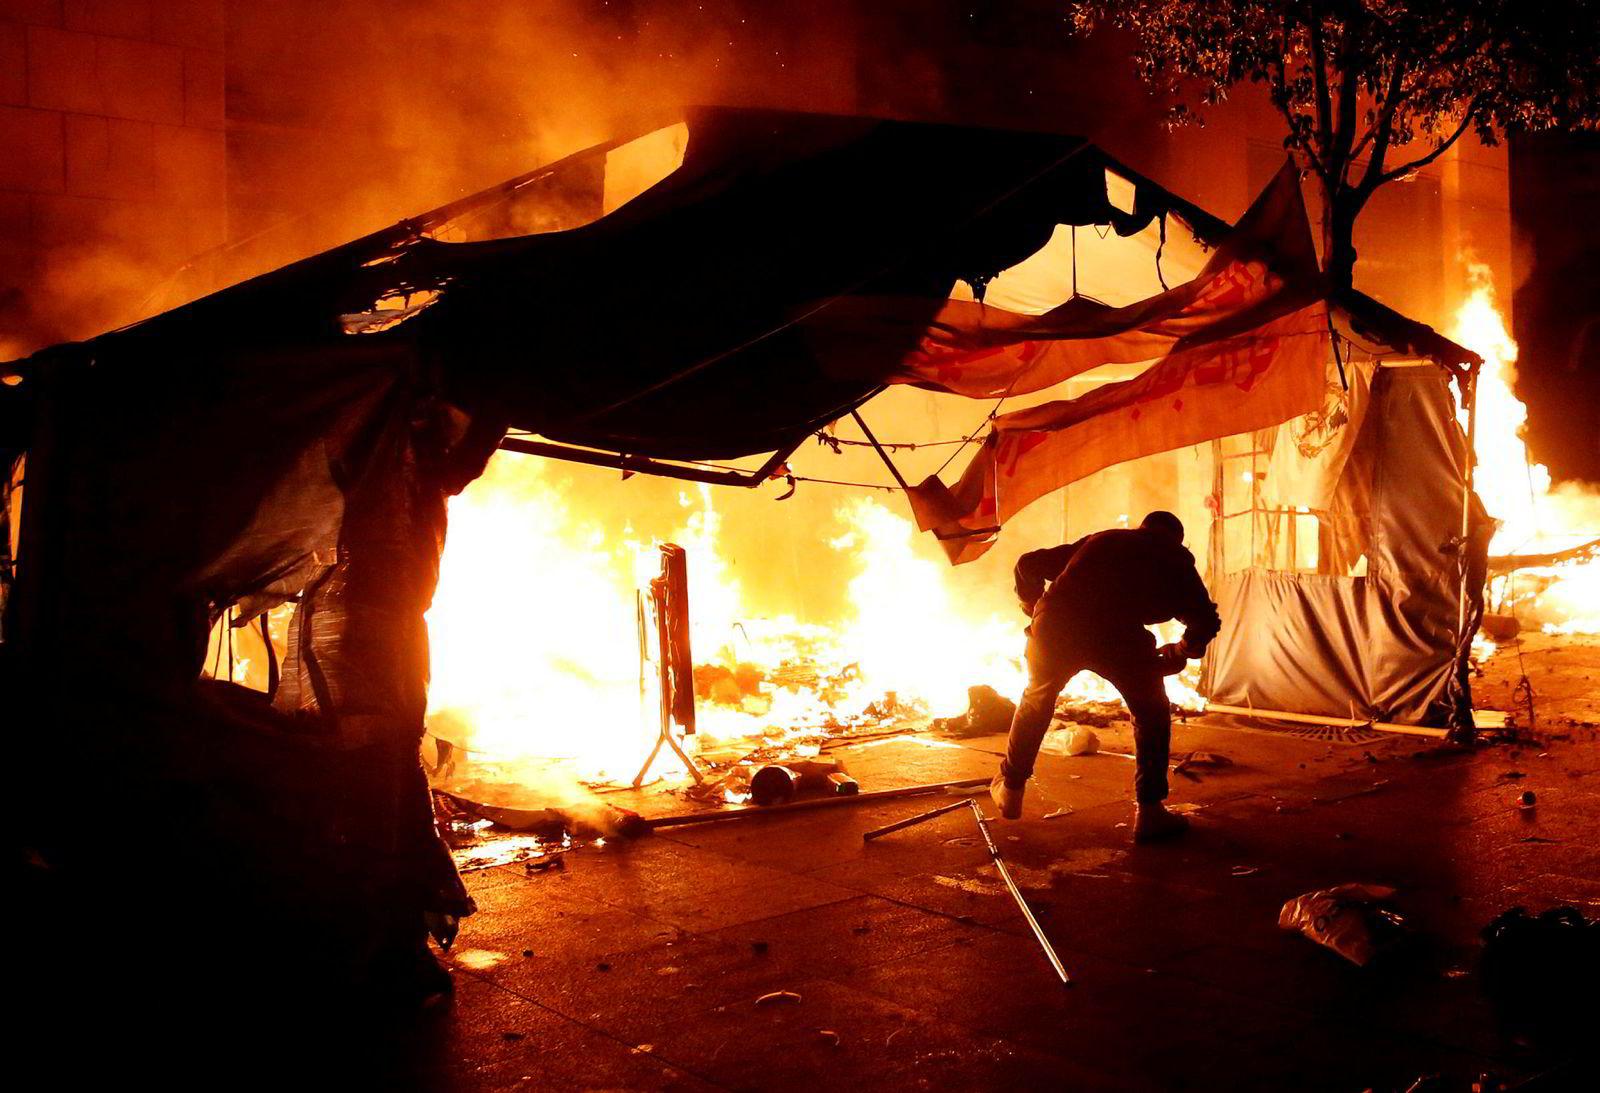 Mye ble satt fyr på i den libanesiske hovedstaden i helgen. Her forsøker en av de protesterende  å slokke et telt demonstrantene hadde satt opp. I tillegg til det lokale politiet ble også soldater satt inn for å stoppe urolighetene.